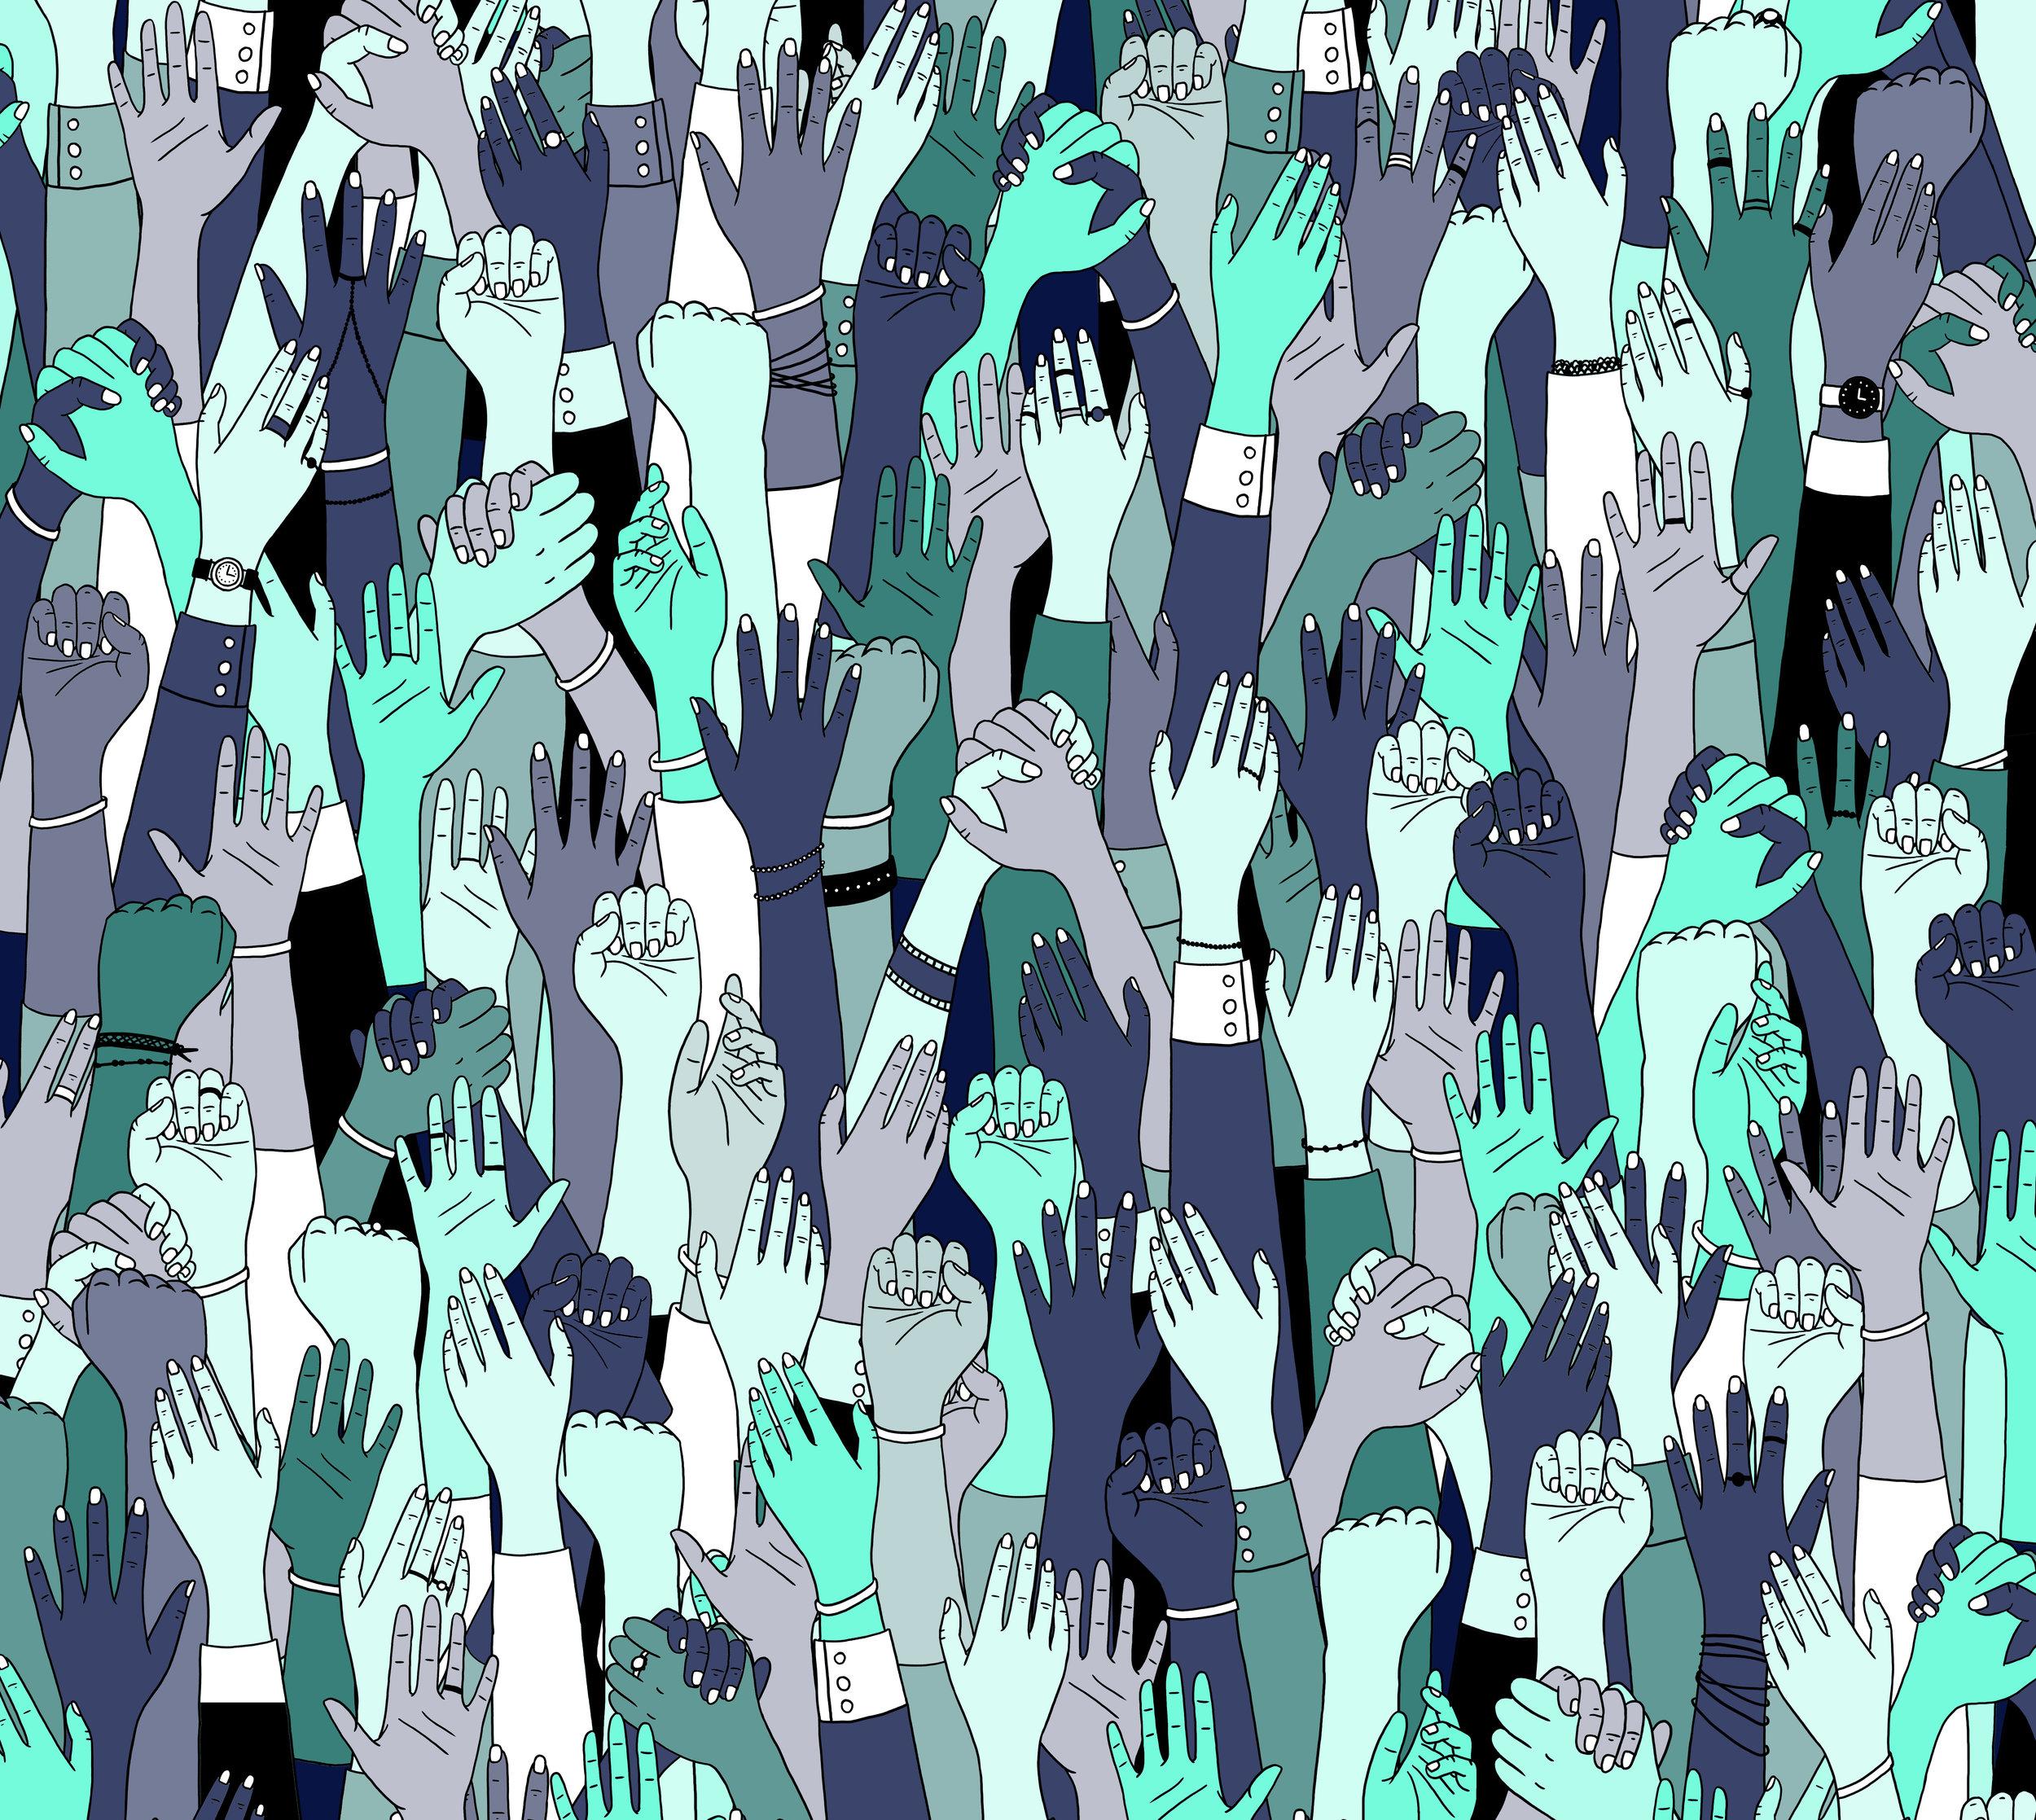 hands_03.jpg